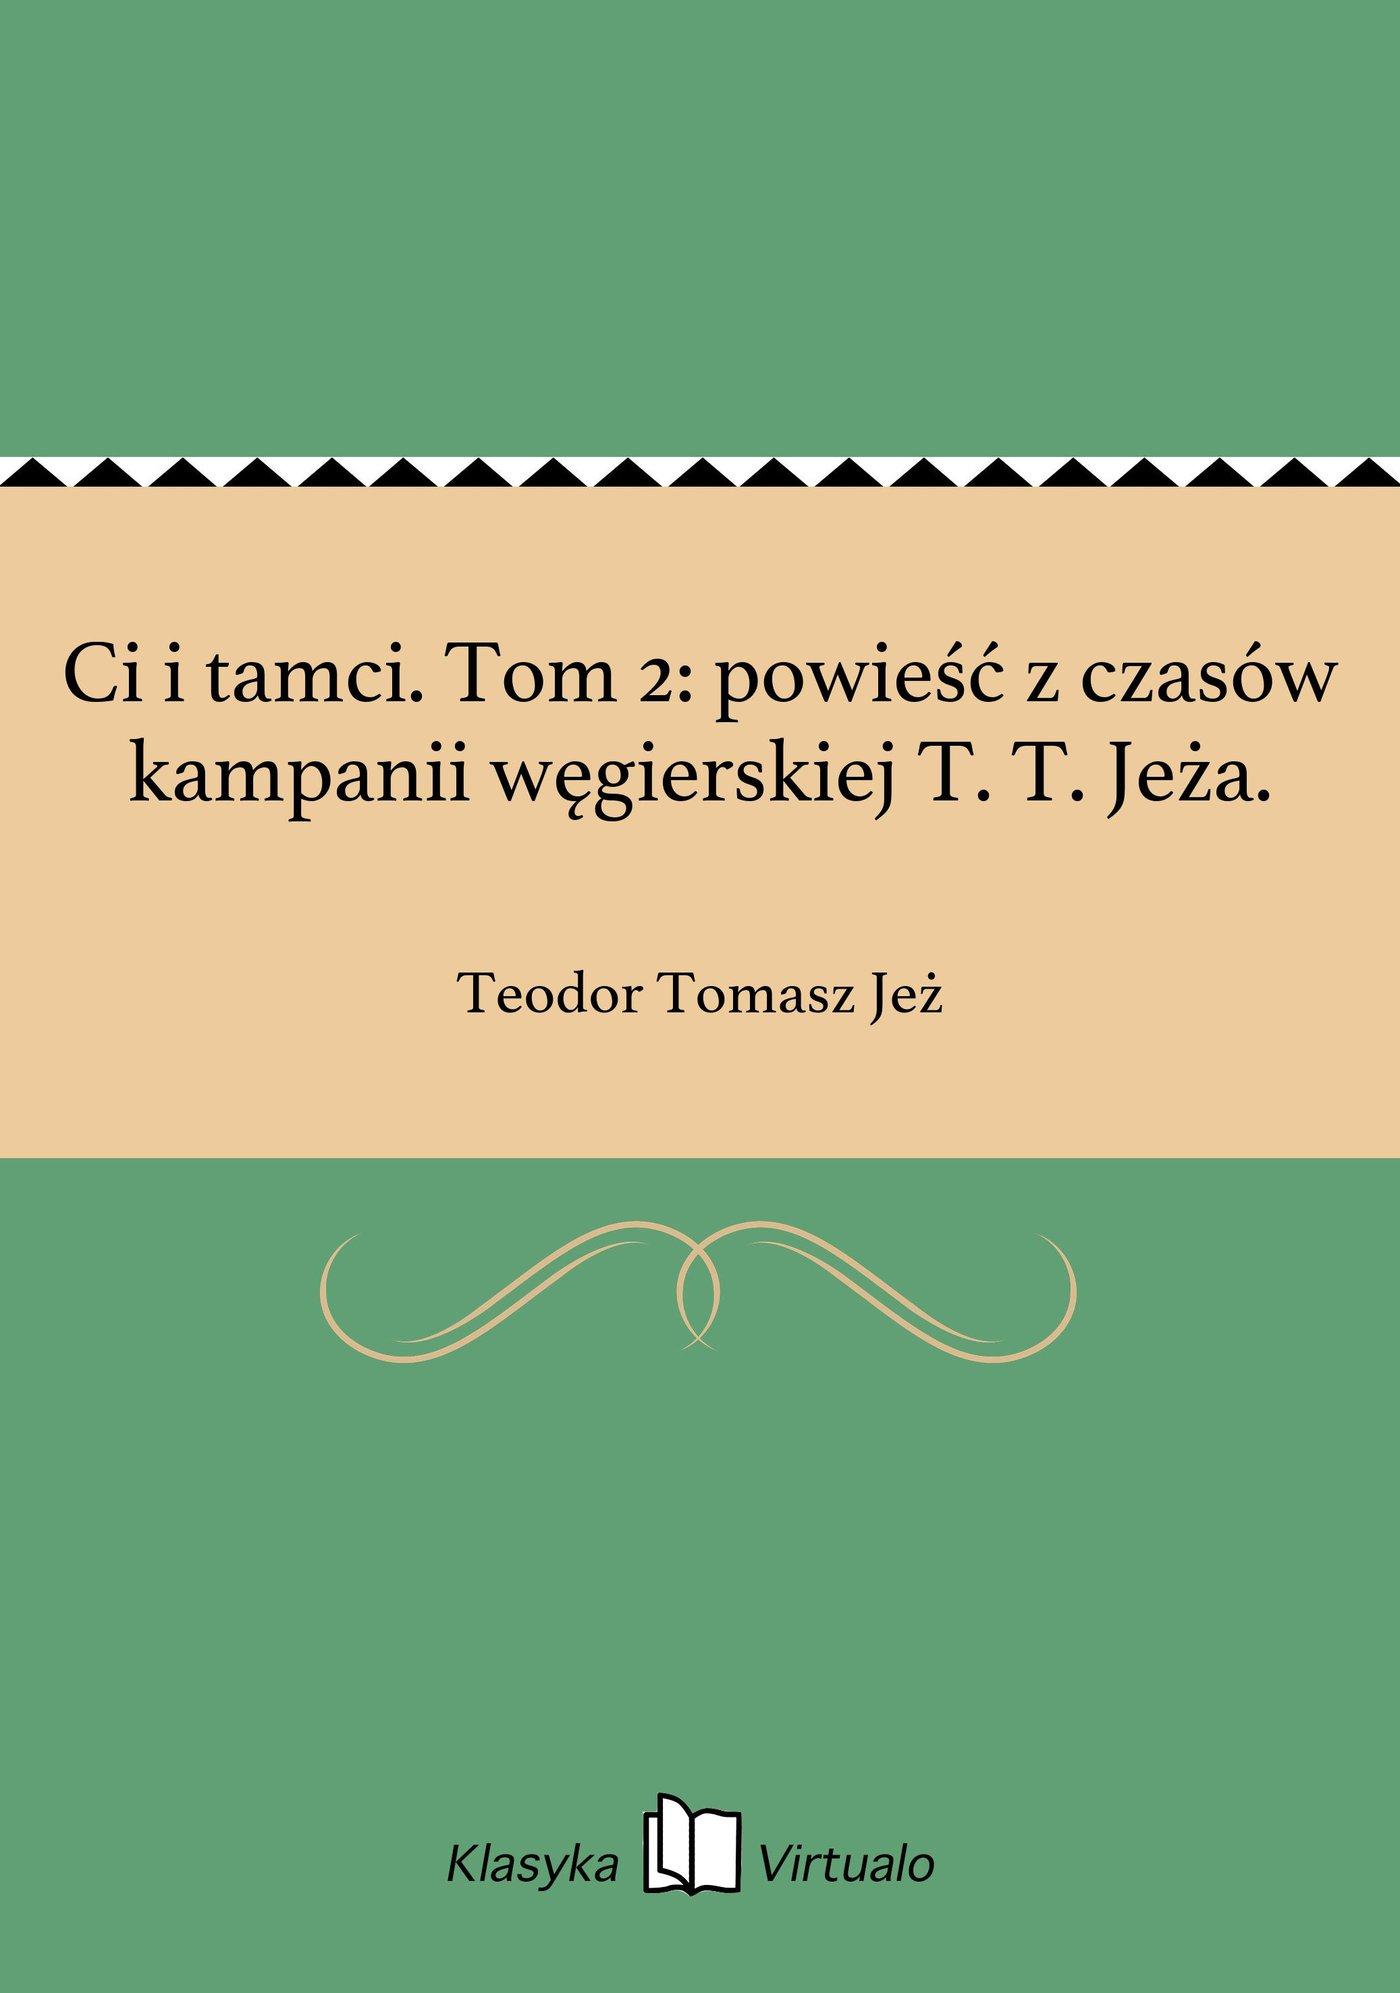 Ci i tamci. Tom 2: powieść z czasów kampanii węgierskiej T. T. Jeża. - Ebook (Książka EPUB) do pobrania w formacie EPUB